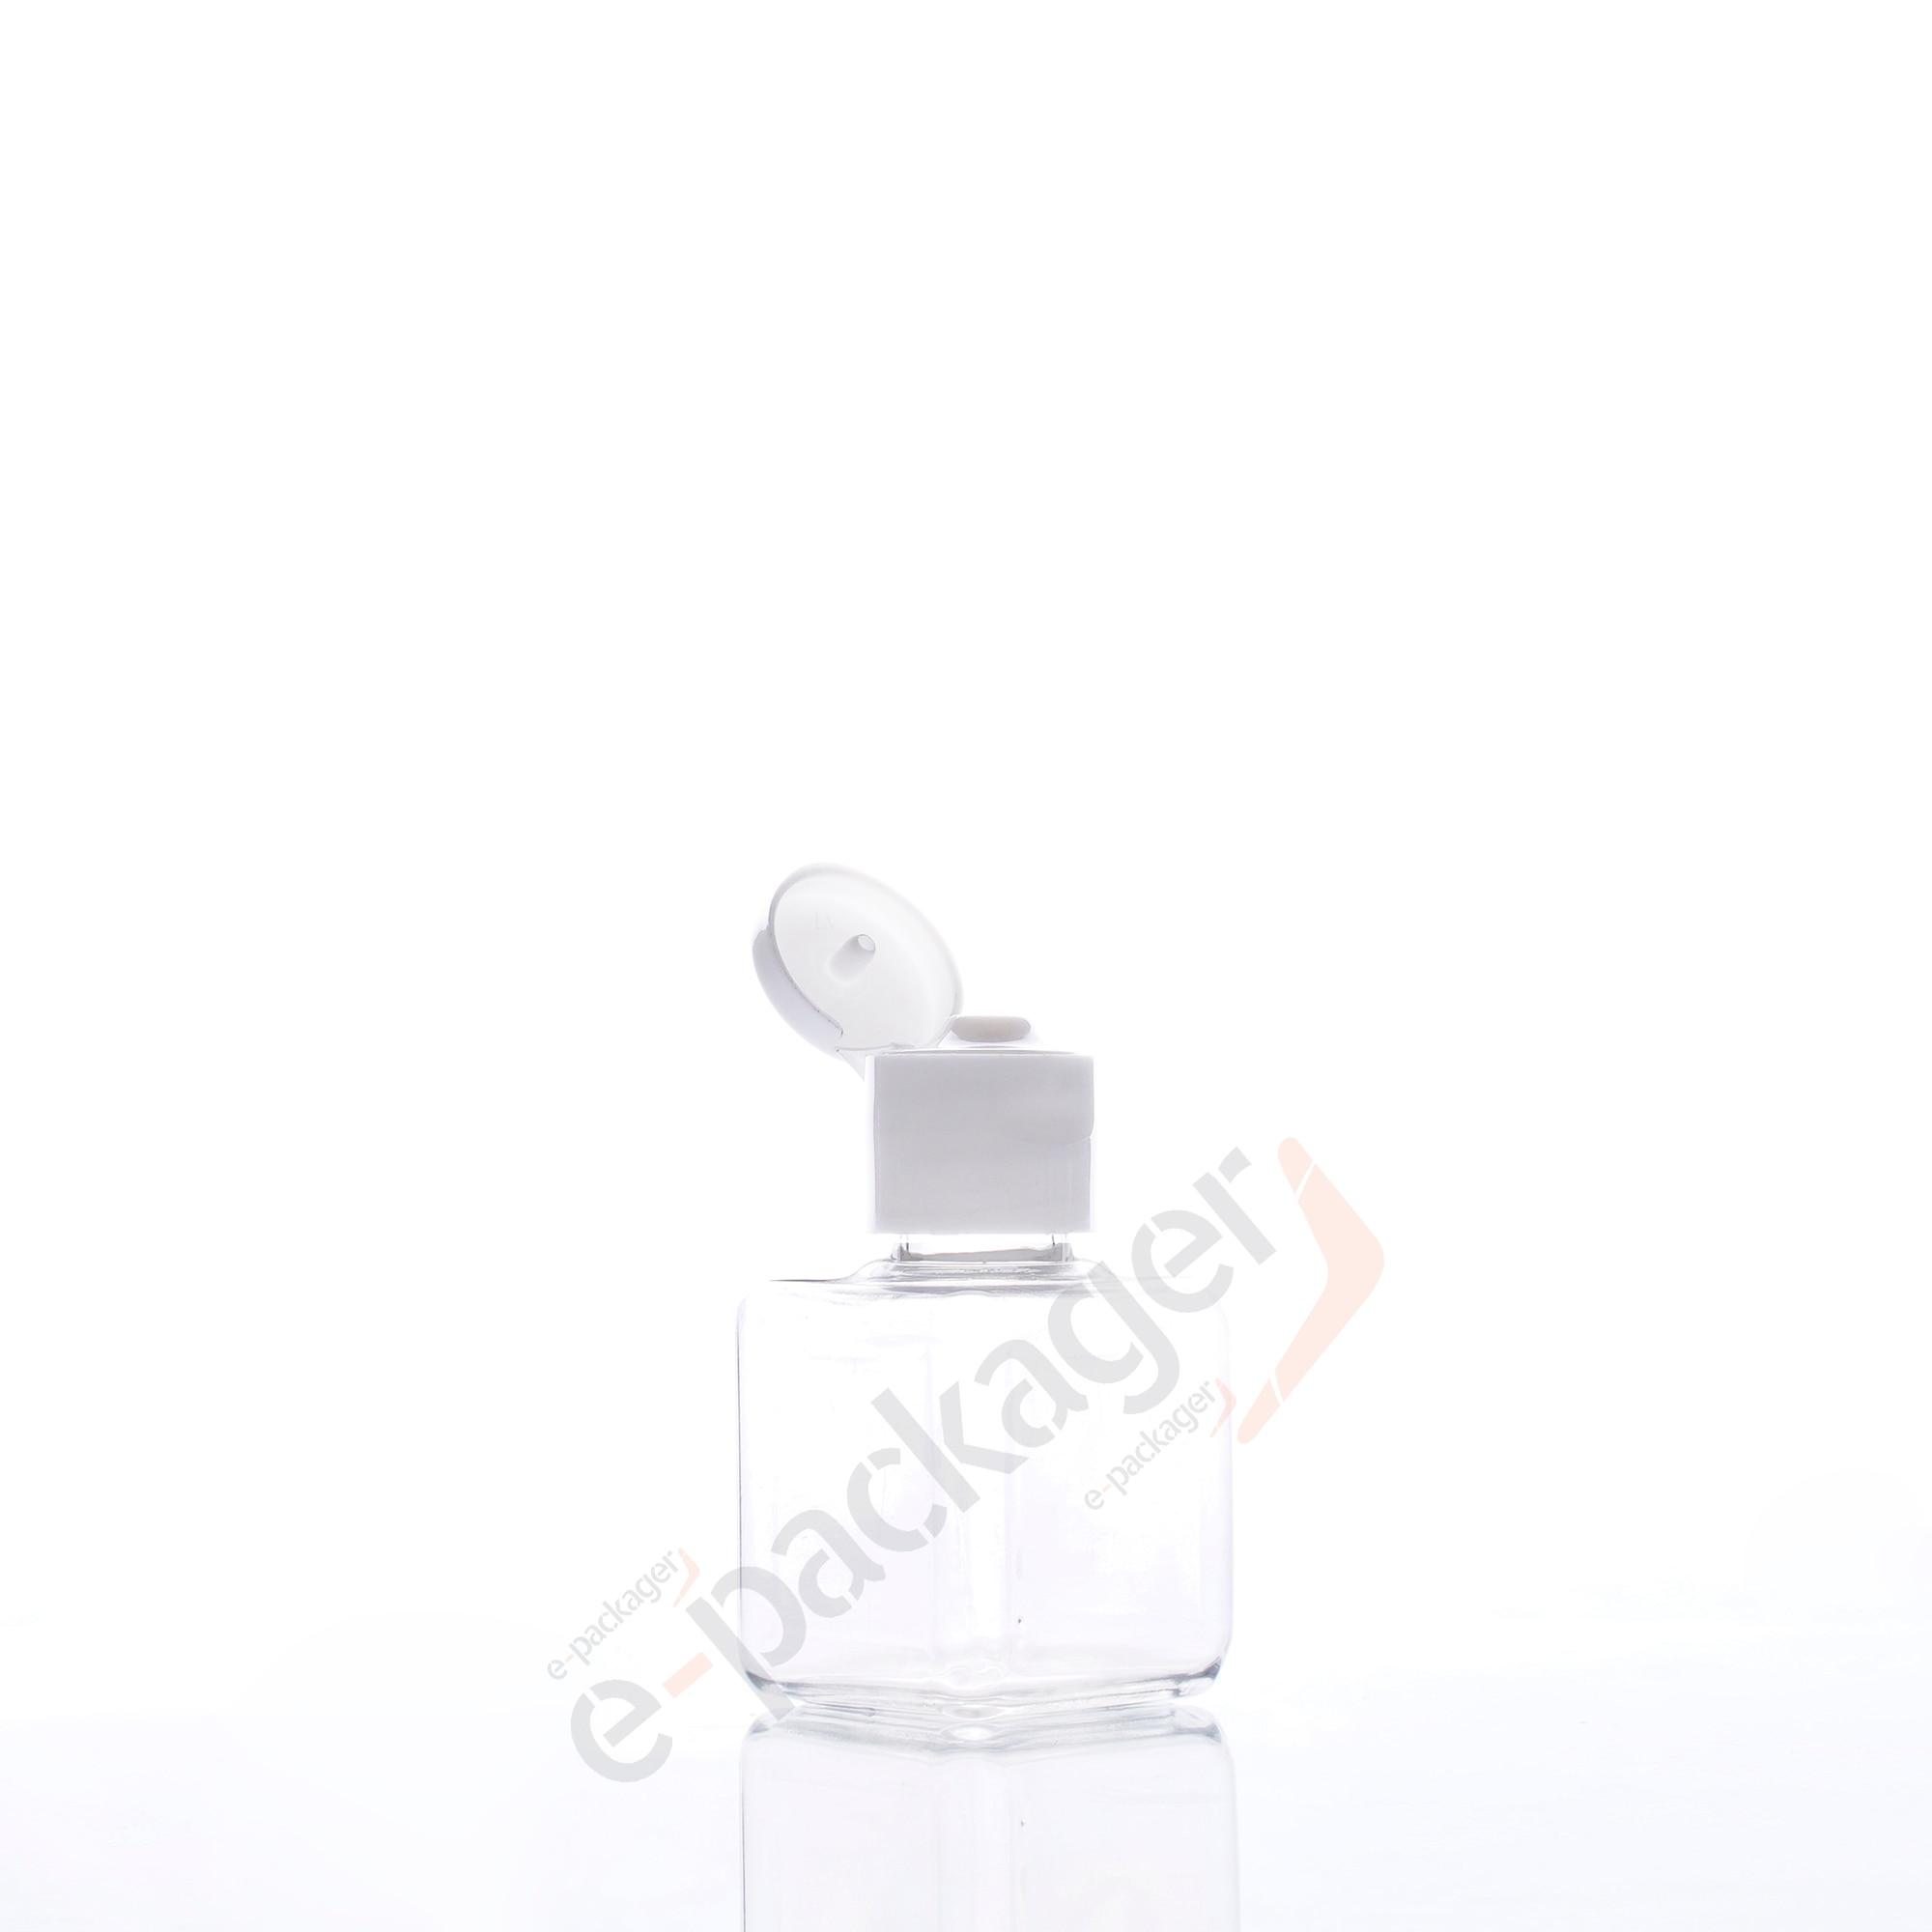 10pcs 25ml Mini Square Bottle Portable Flip Top Bottle Refillable Dispenser Bottle For Essential Oil Body Mist